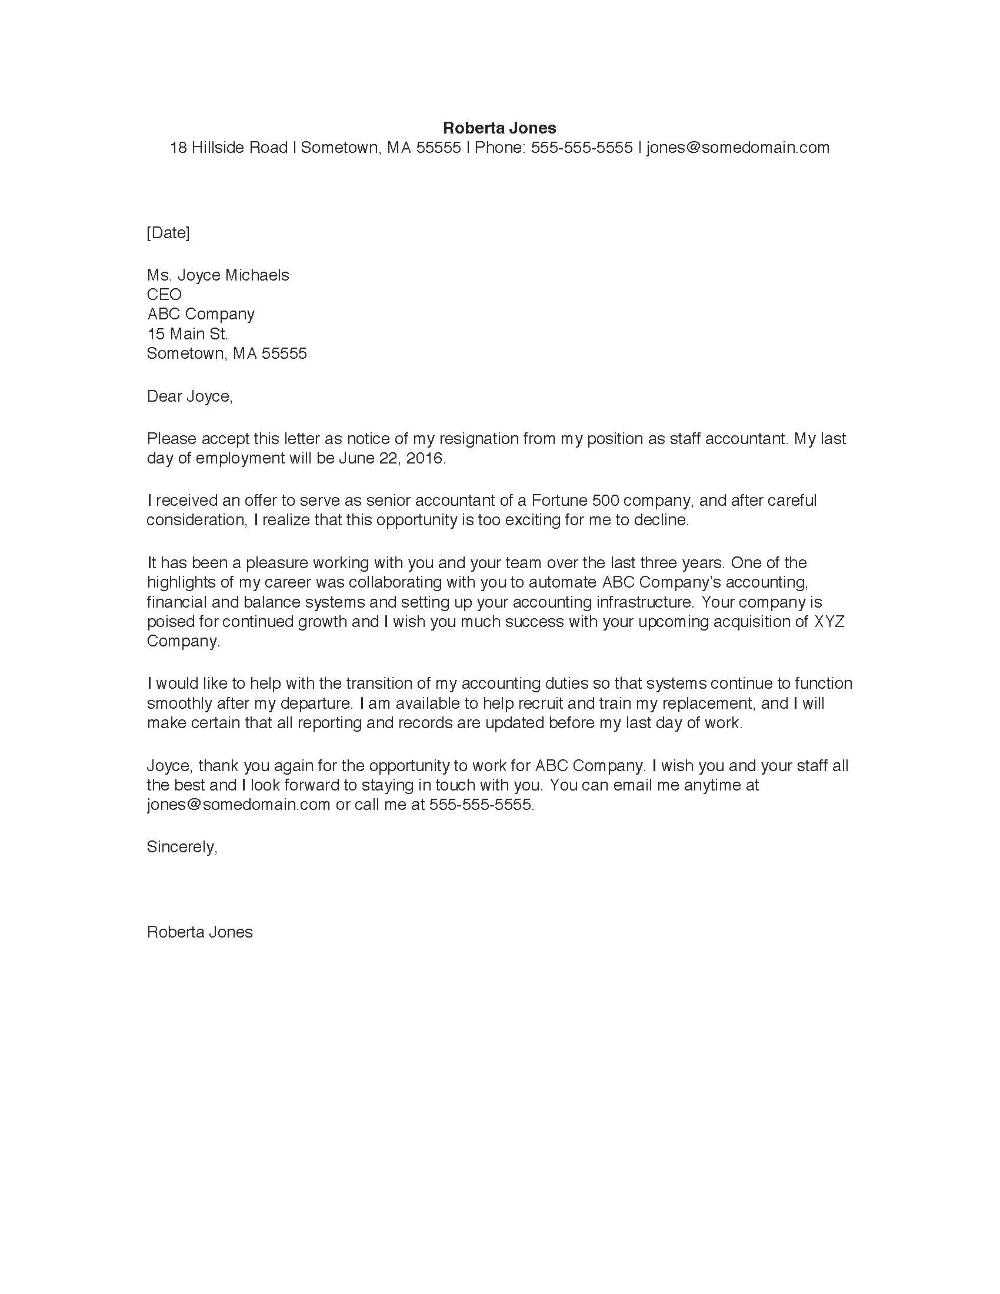 sample resignation letter job letter, how to resume samples for career change having onsite experience pharmacist skills in cv